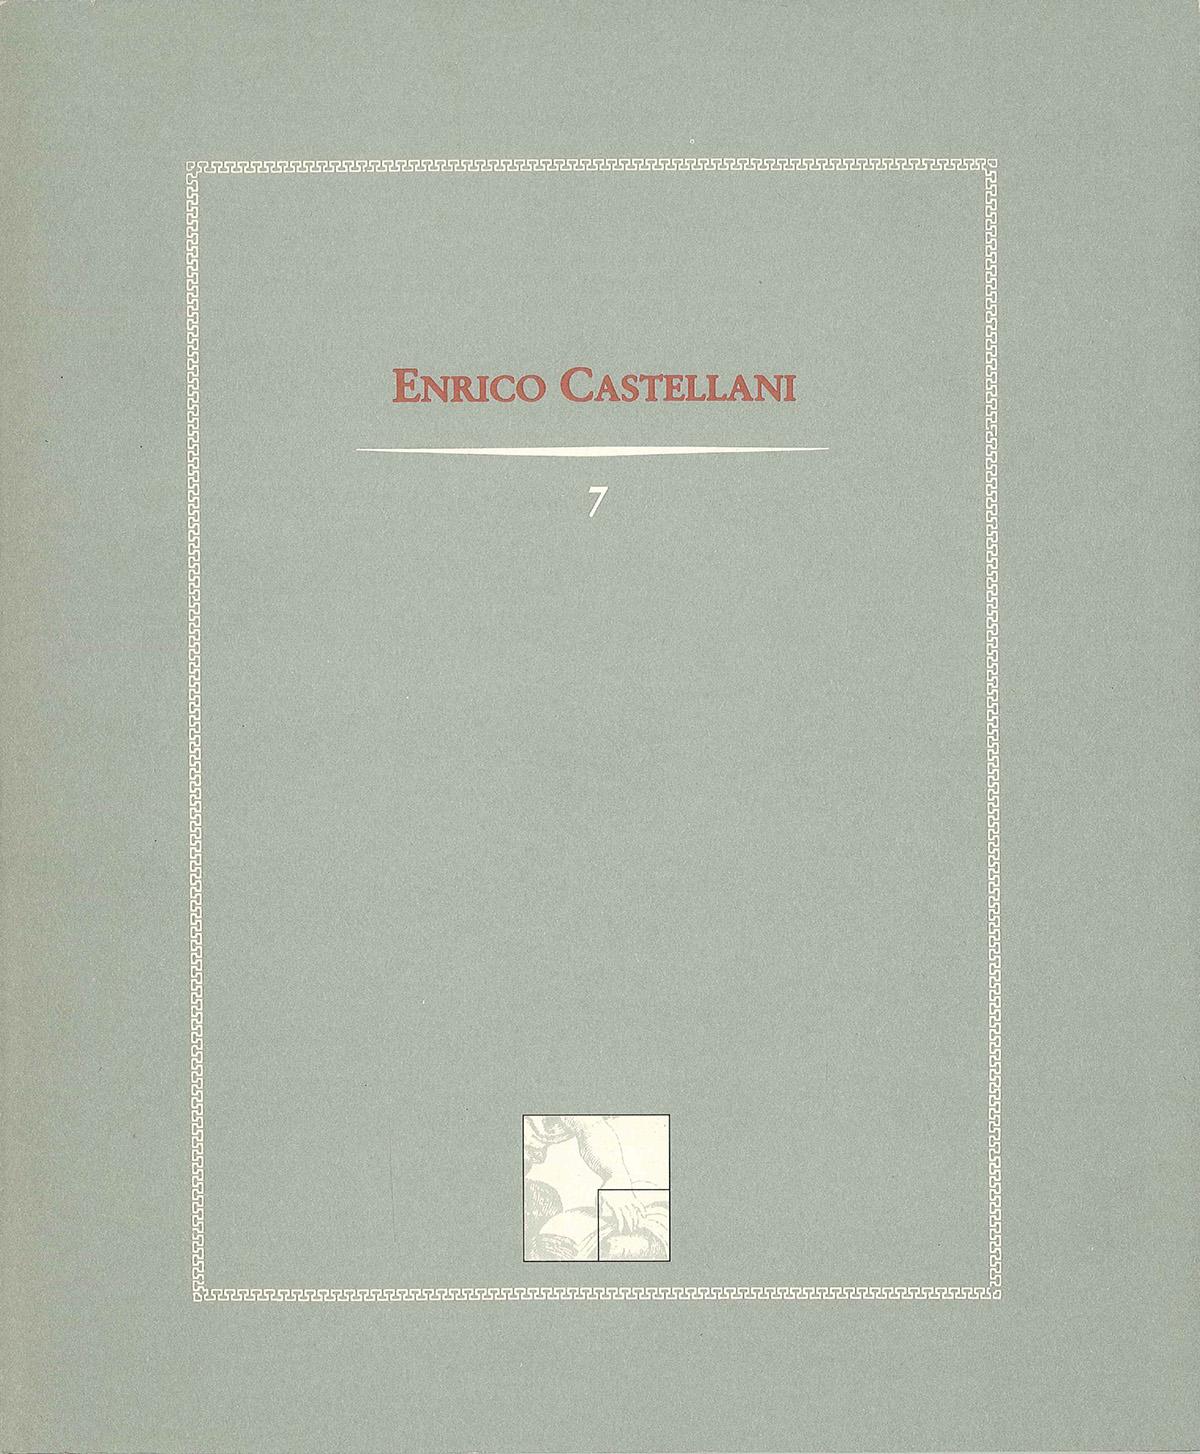 Copertina - Enrico Castellani, Gillo Dorfles, Adachiara Zevi, 1991, Edizioni Netta Vespignani, Roma